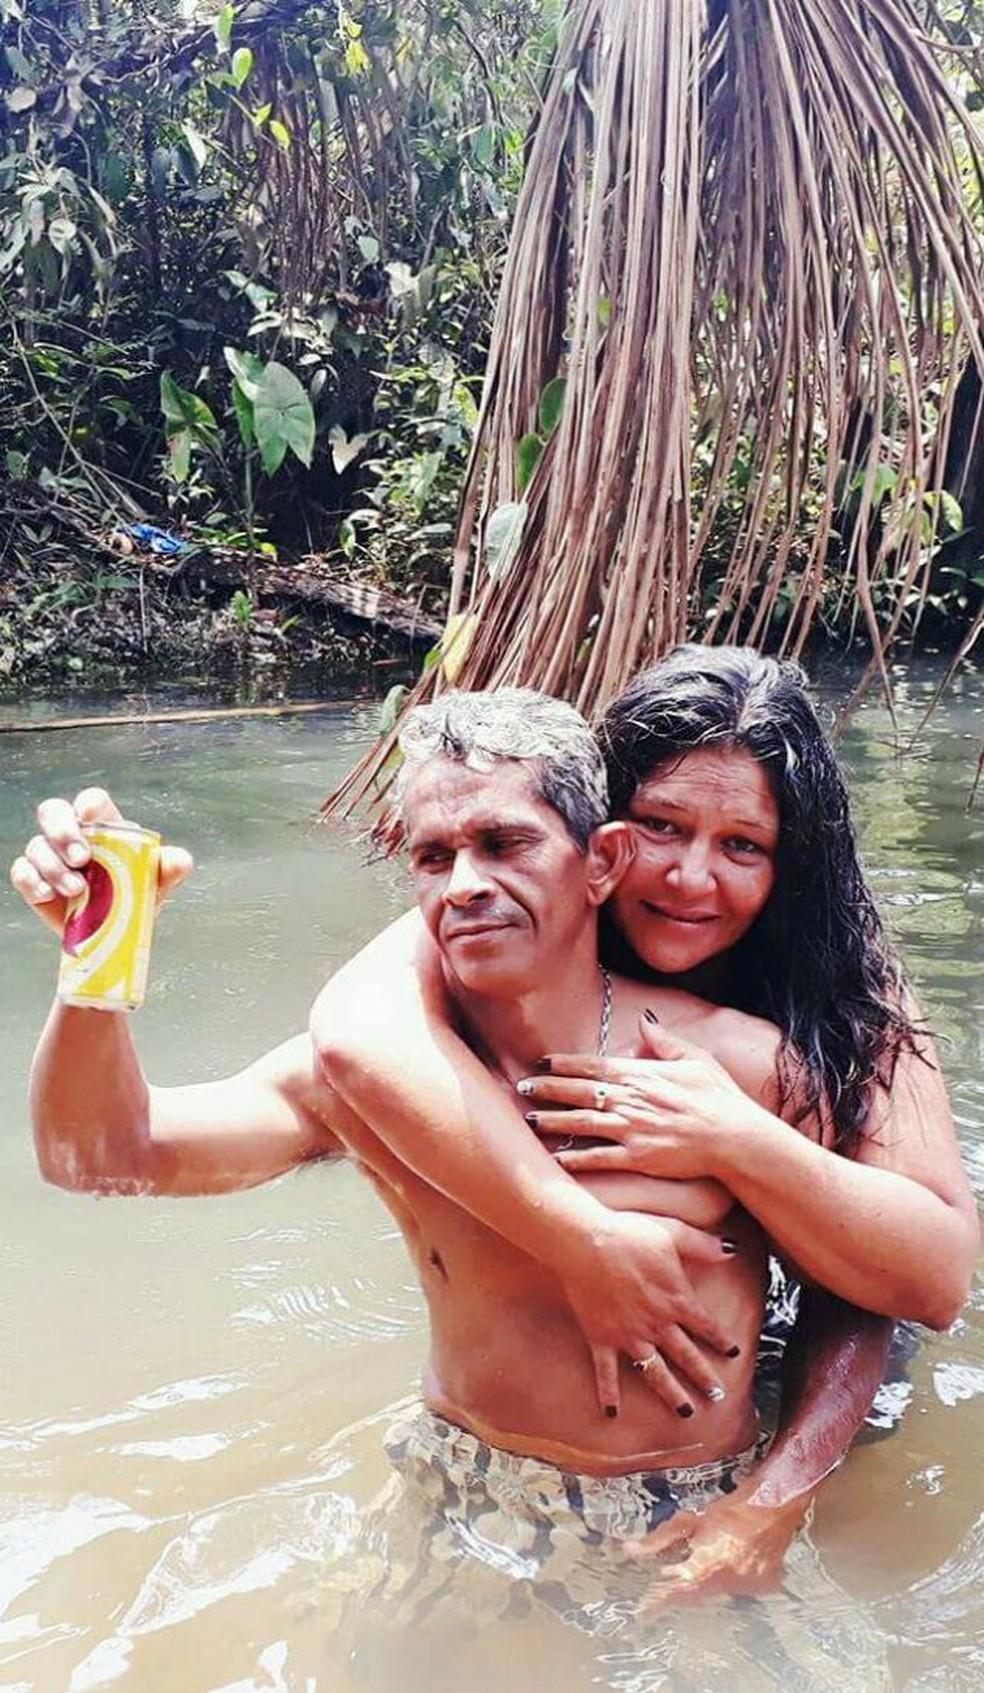 José da Guia Conceição da Silva e Raquel Alves Fonseca morreram no acidente (Foto: Divulgação)